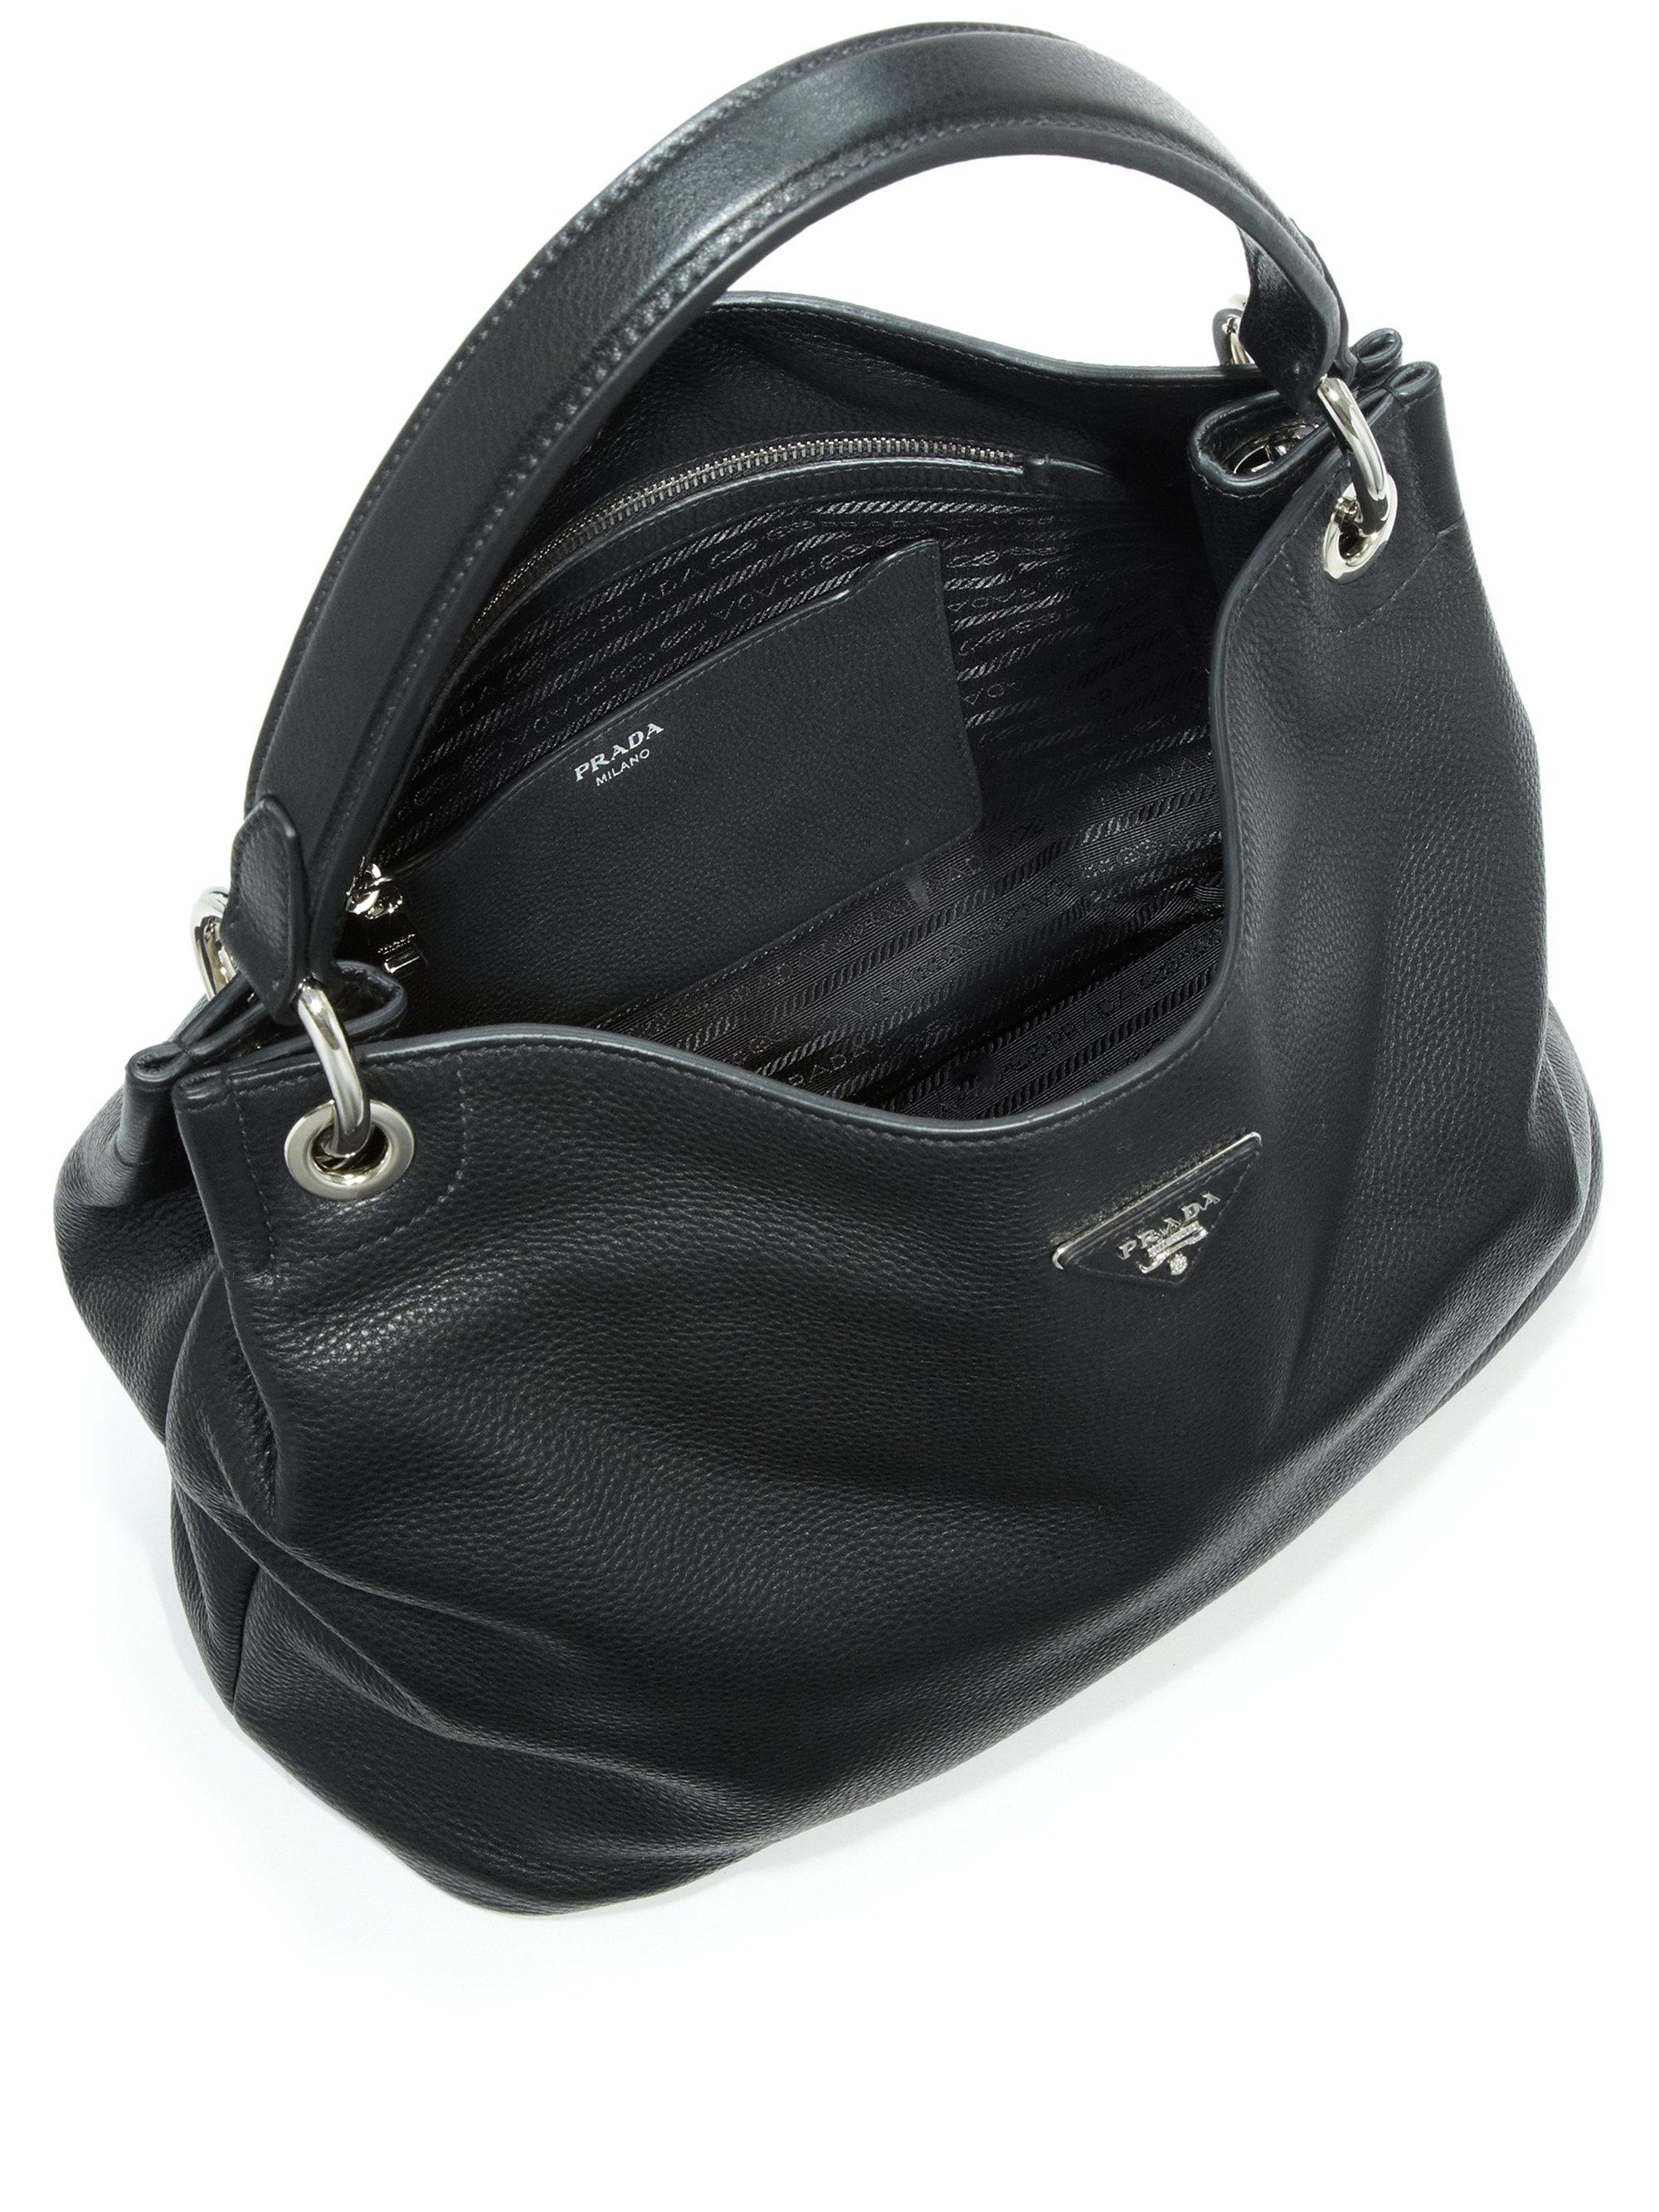 b50fabdd8df2 ... free shipping lyst prada daino hobo bag in black 595ef 0c052